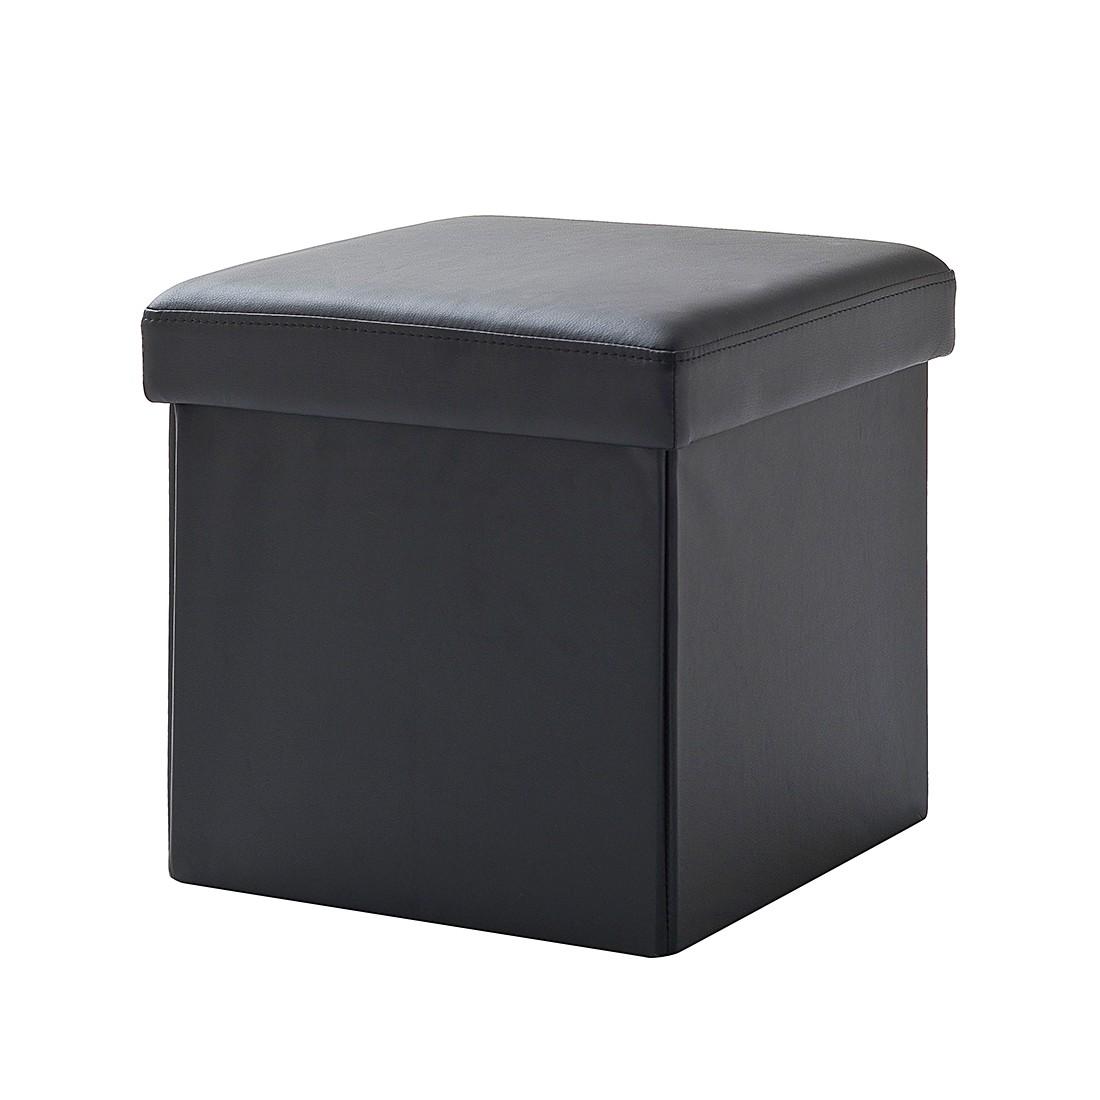 Gestoffeerde zitkubus Cube (met kurk) - kunstleer - zwart, meise möbel